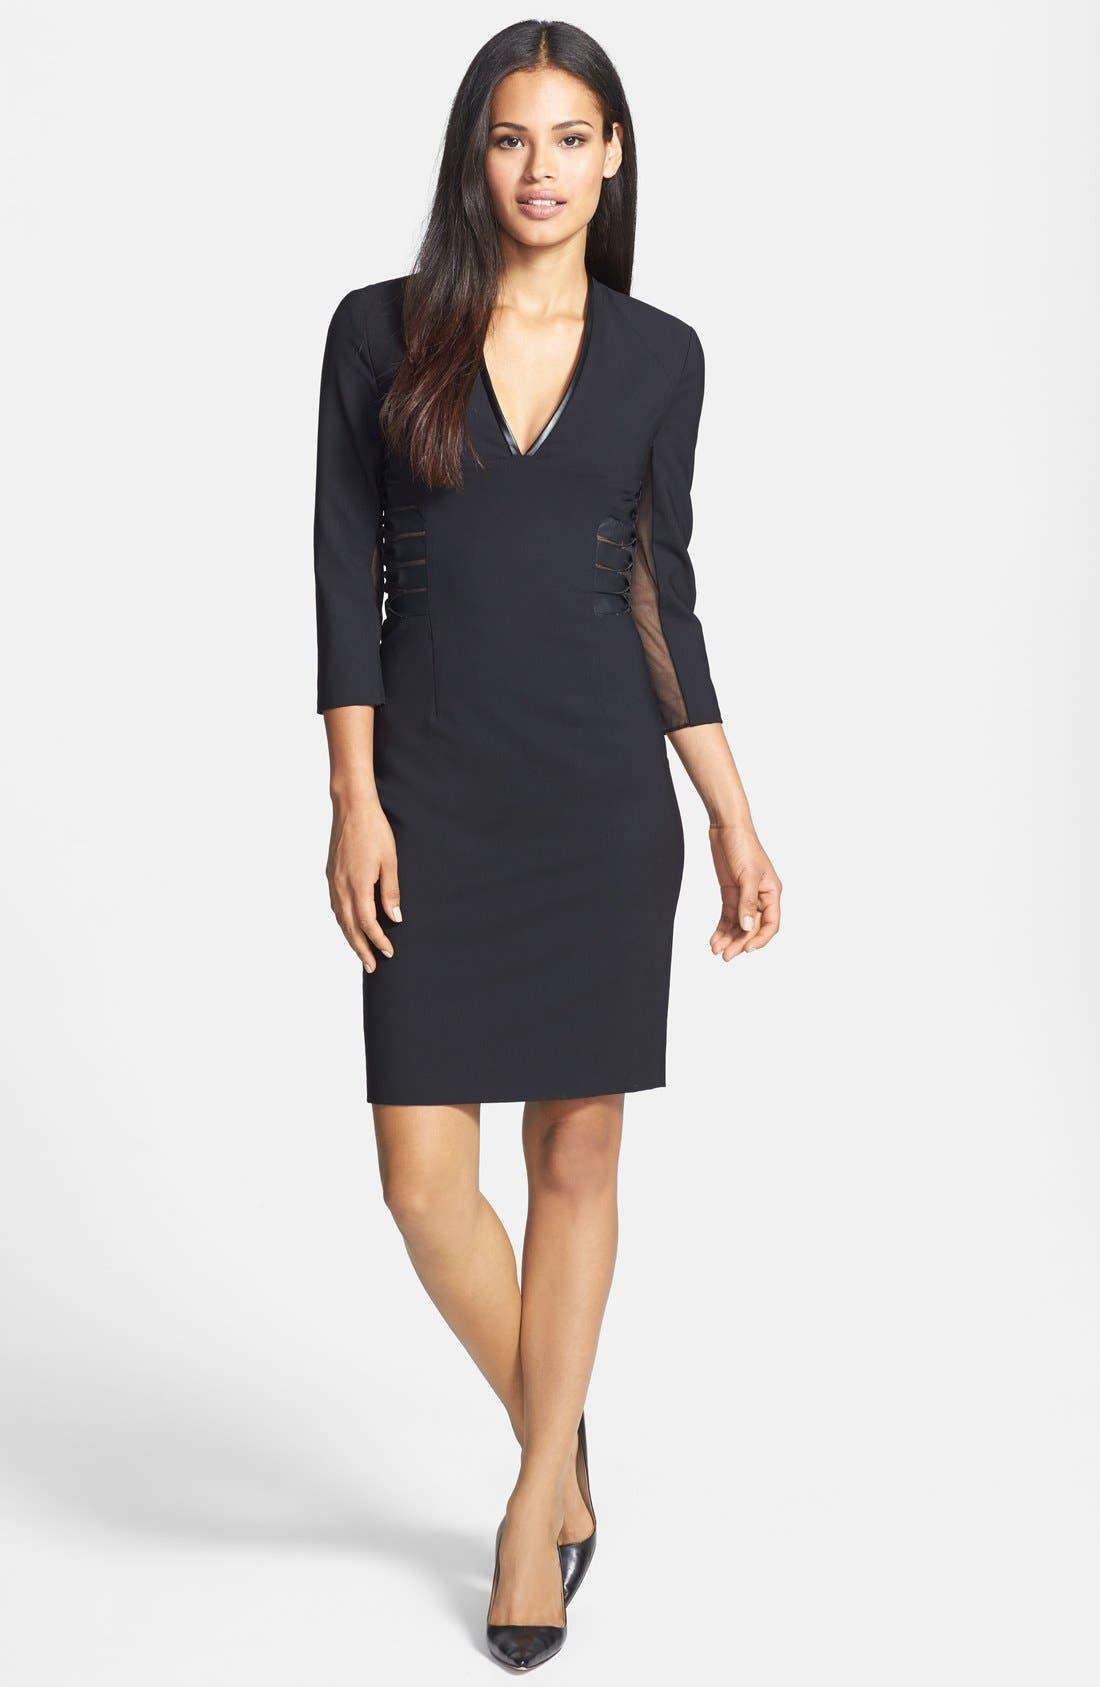 Main Image - Rachel Roy Faux Leather Trim V-Neck Dress